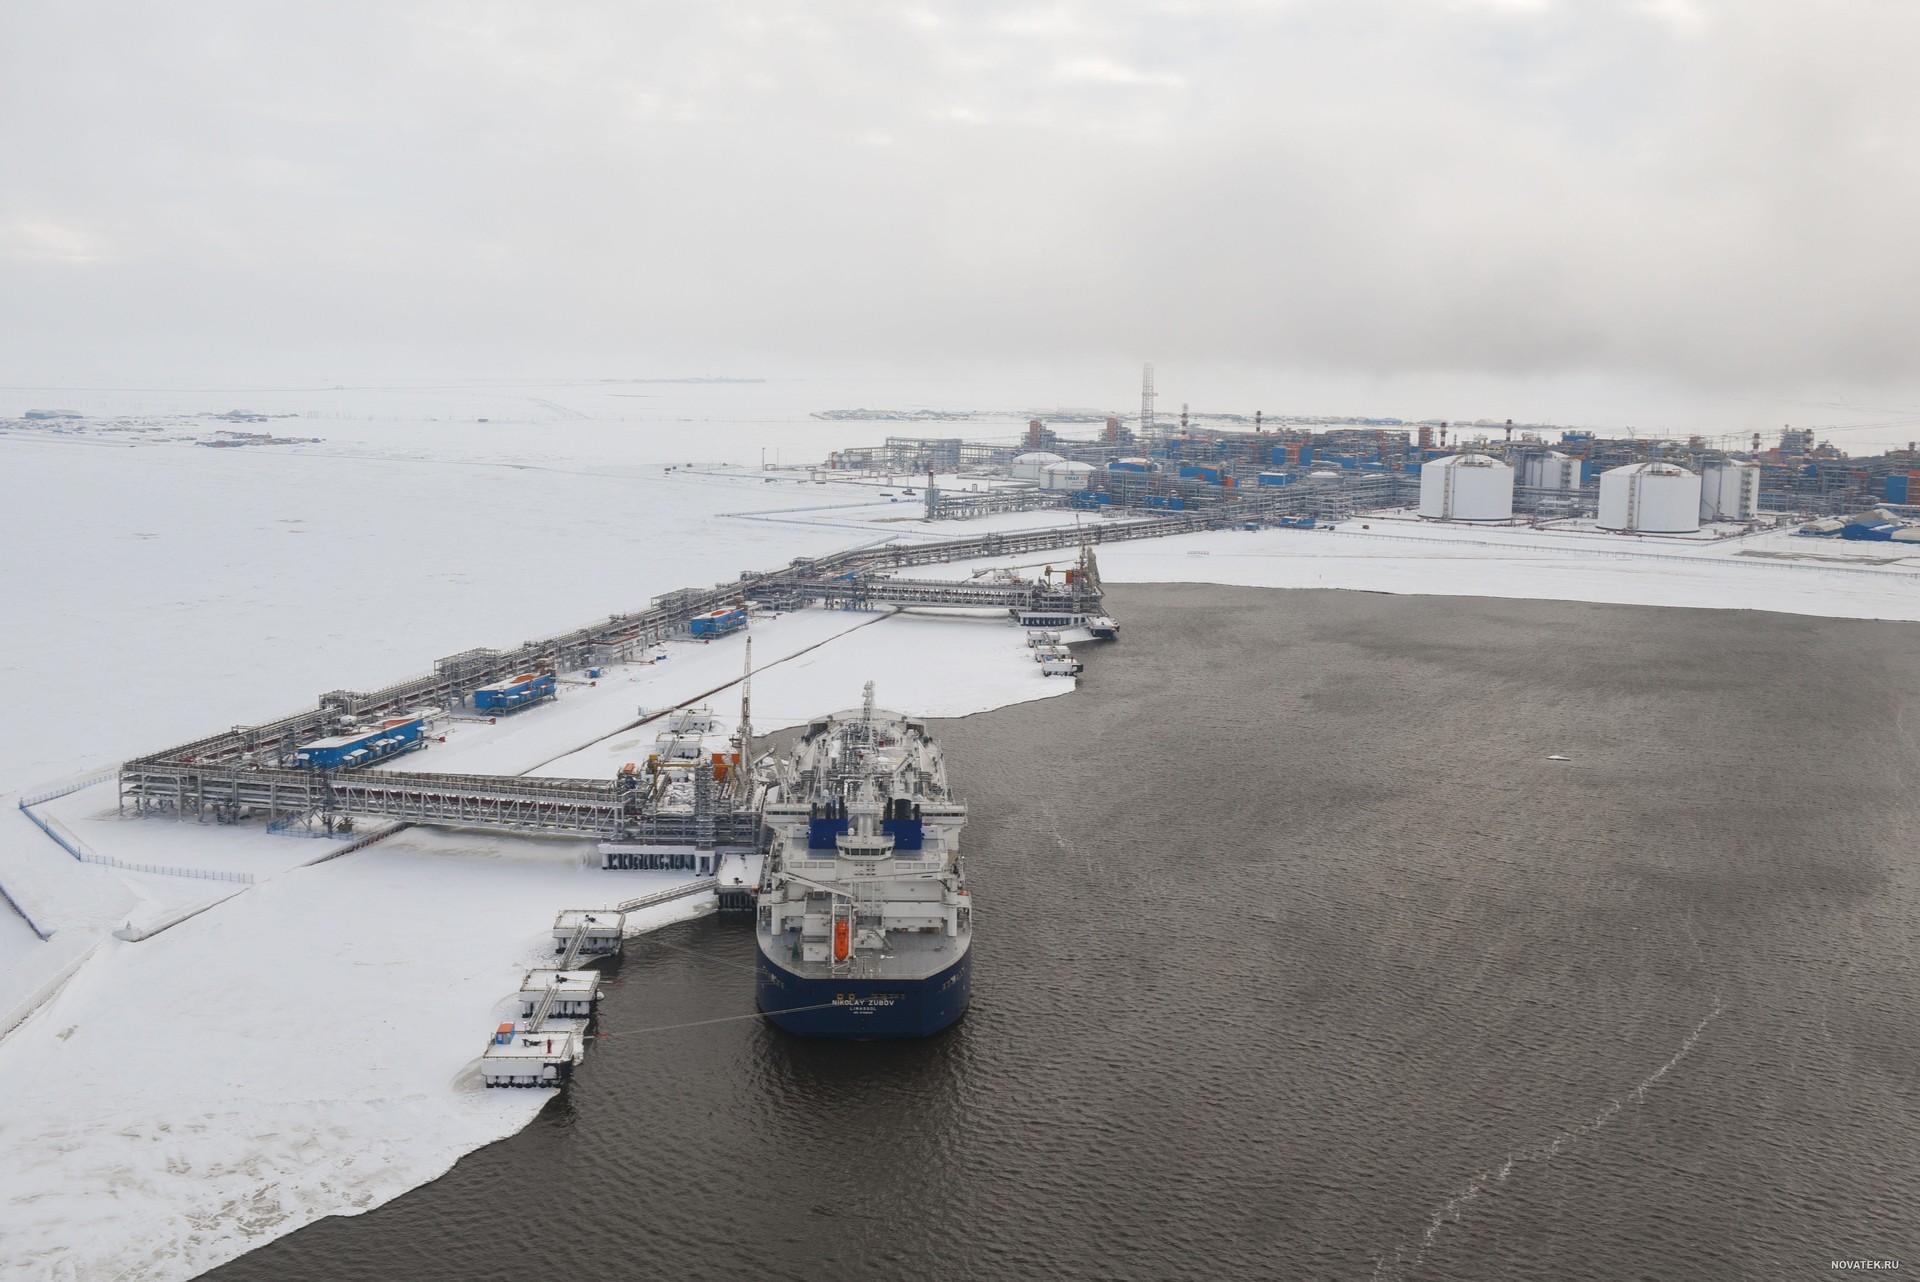 Planta de gas natural licuado de Yamal, situada en el Ártico.